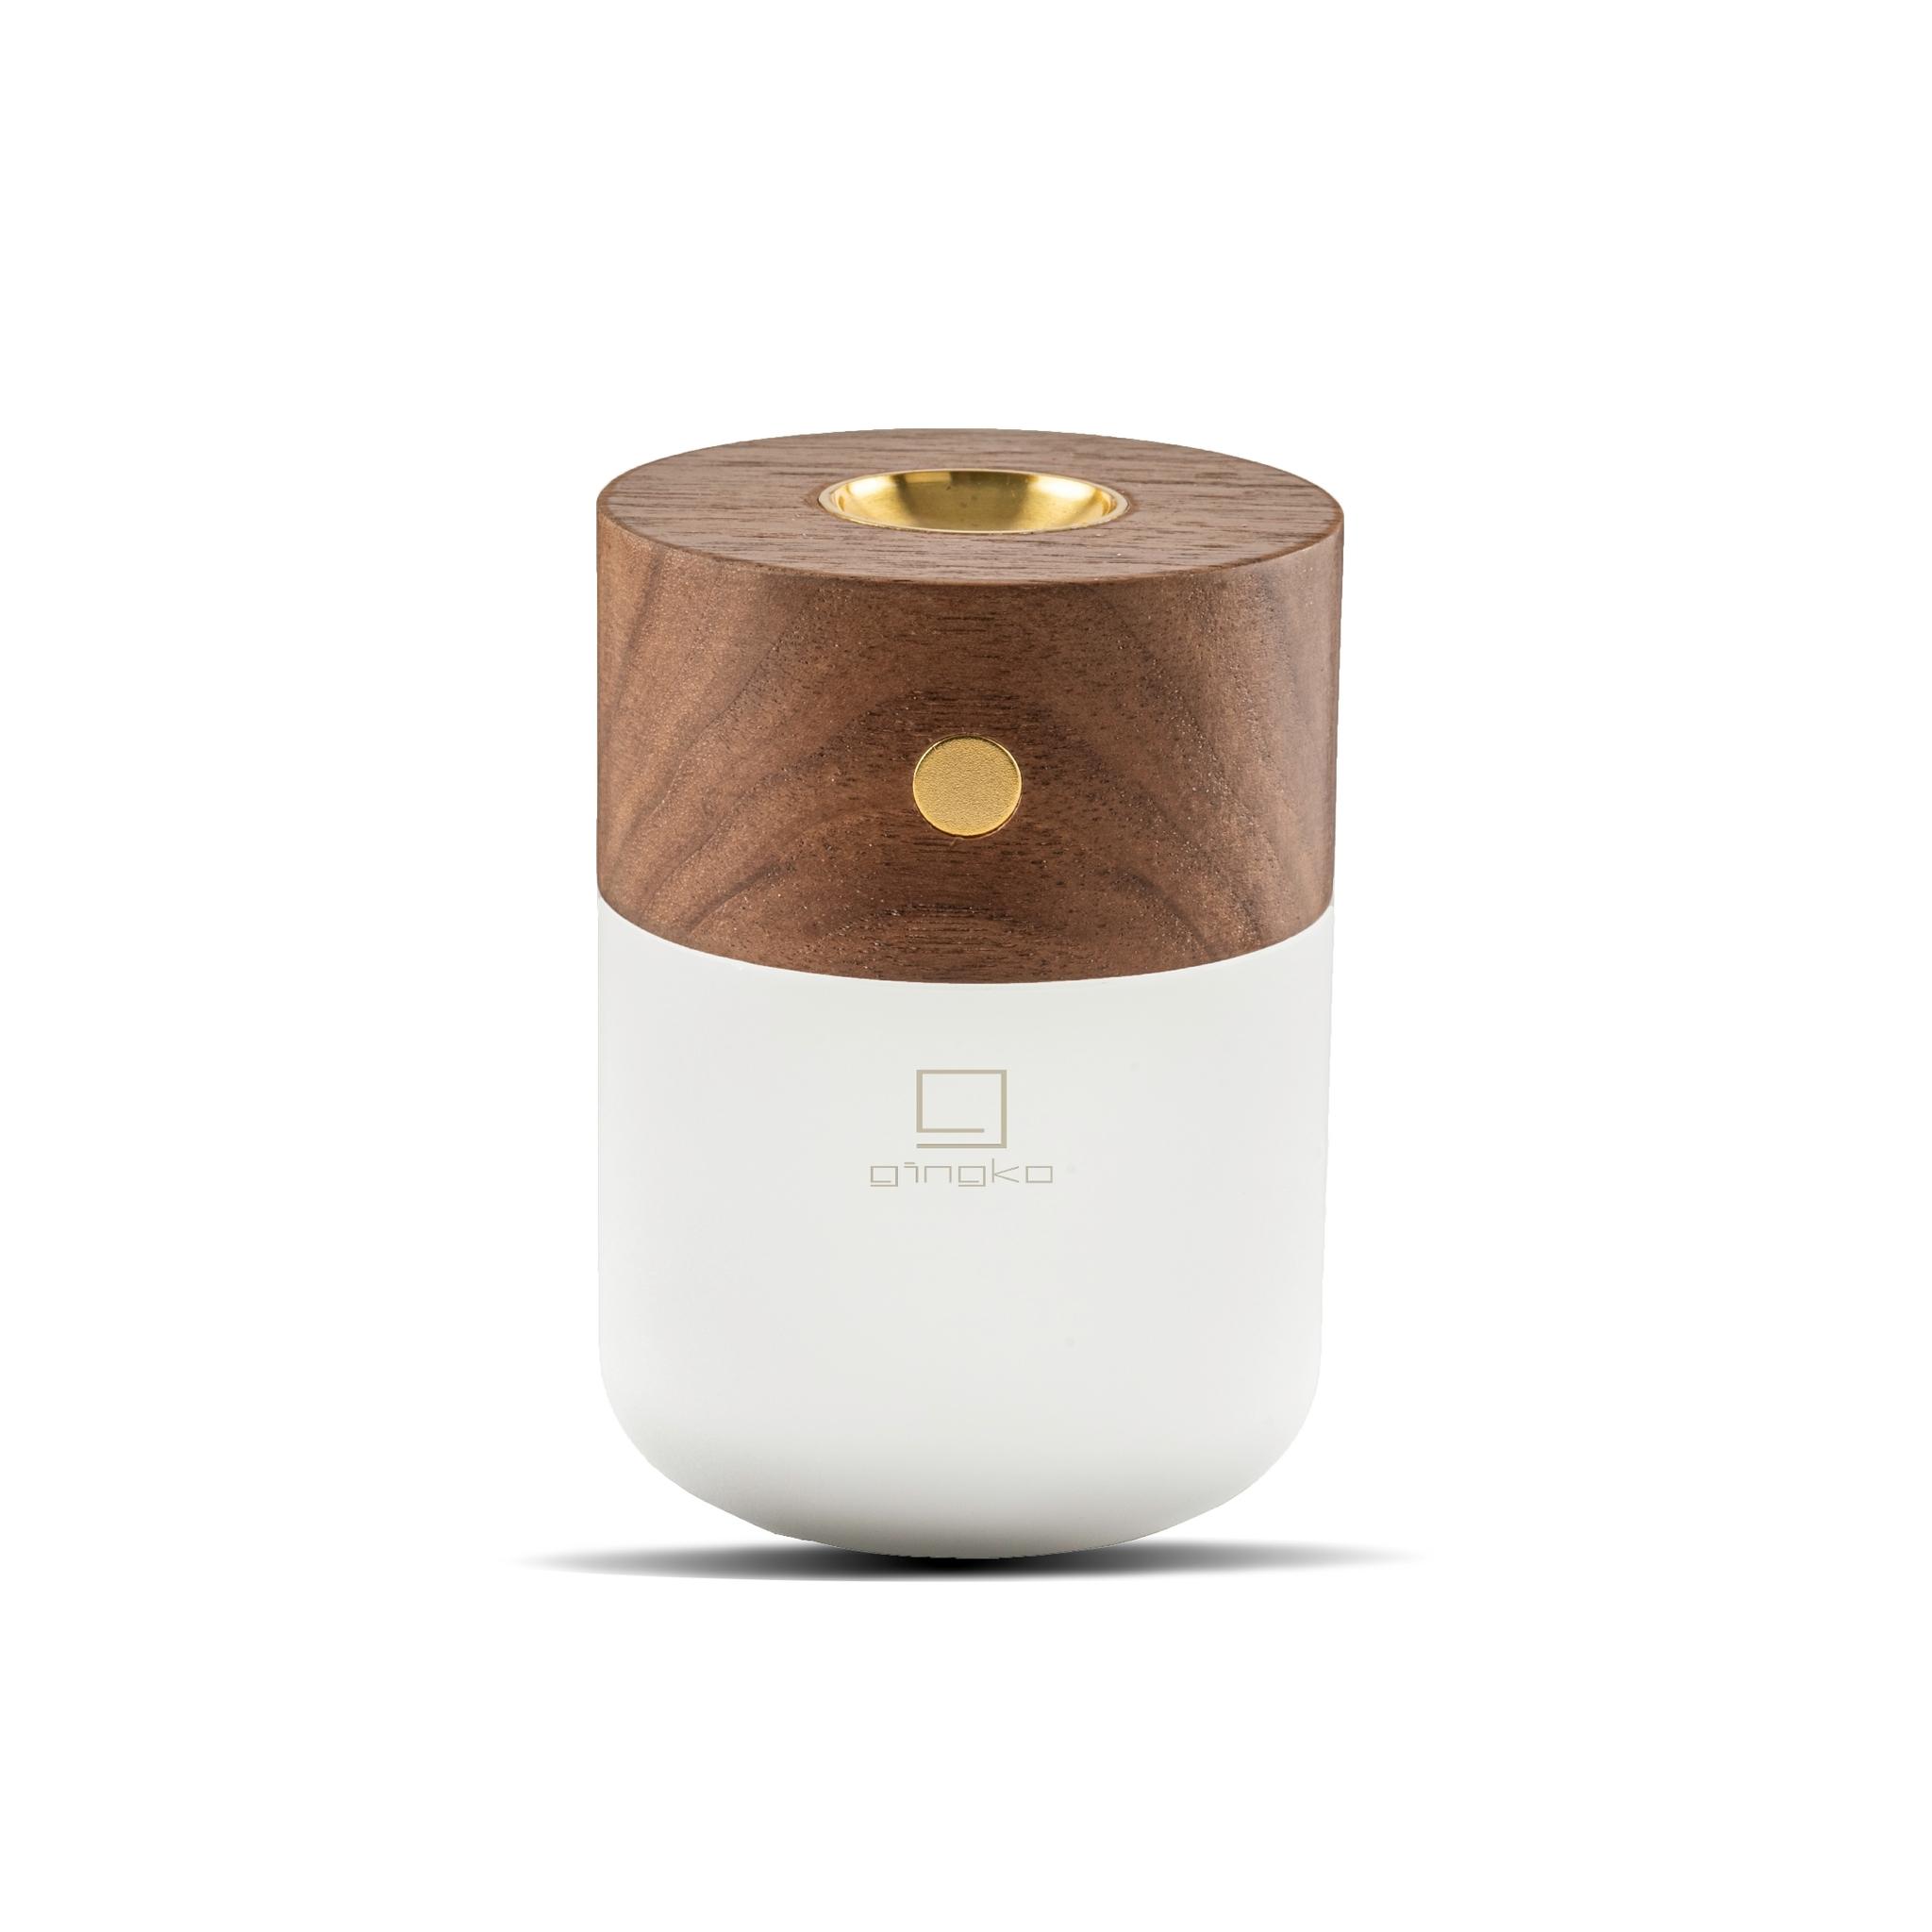 Walnut, 1W LED, 3-10h, dimmbar, USB-Kabel inkl., D